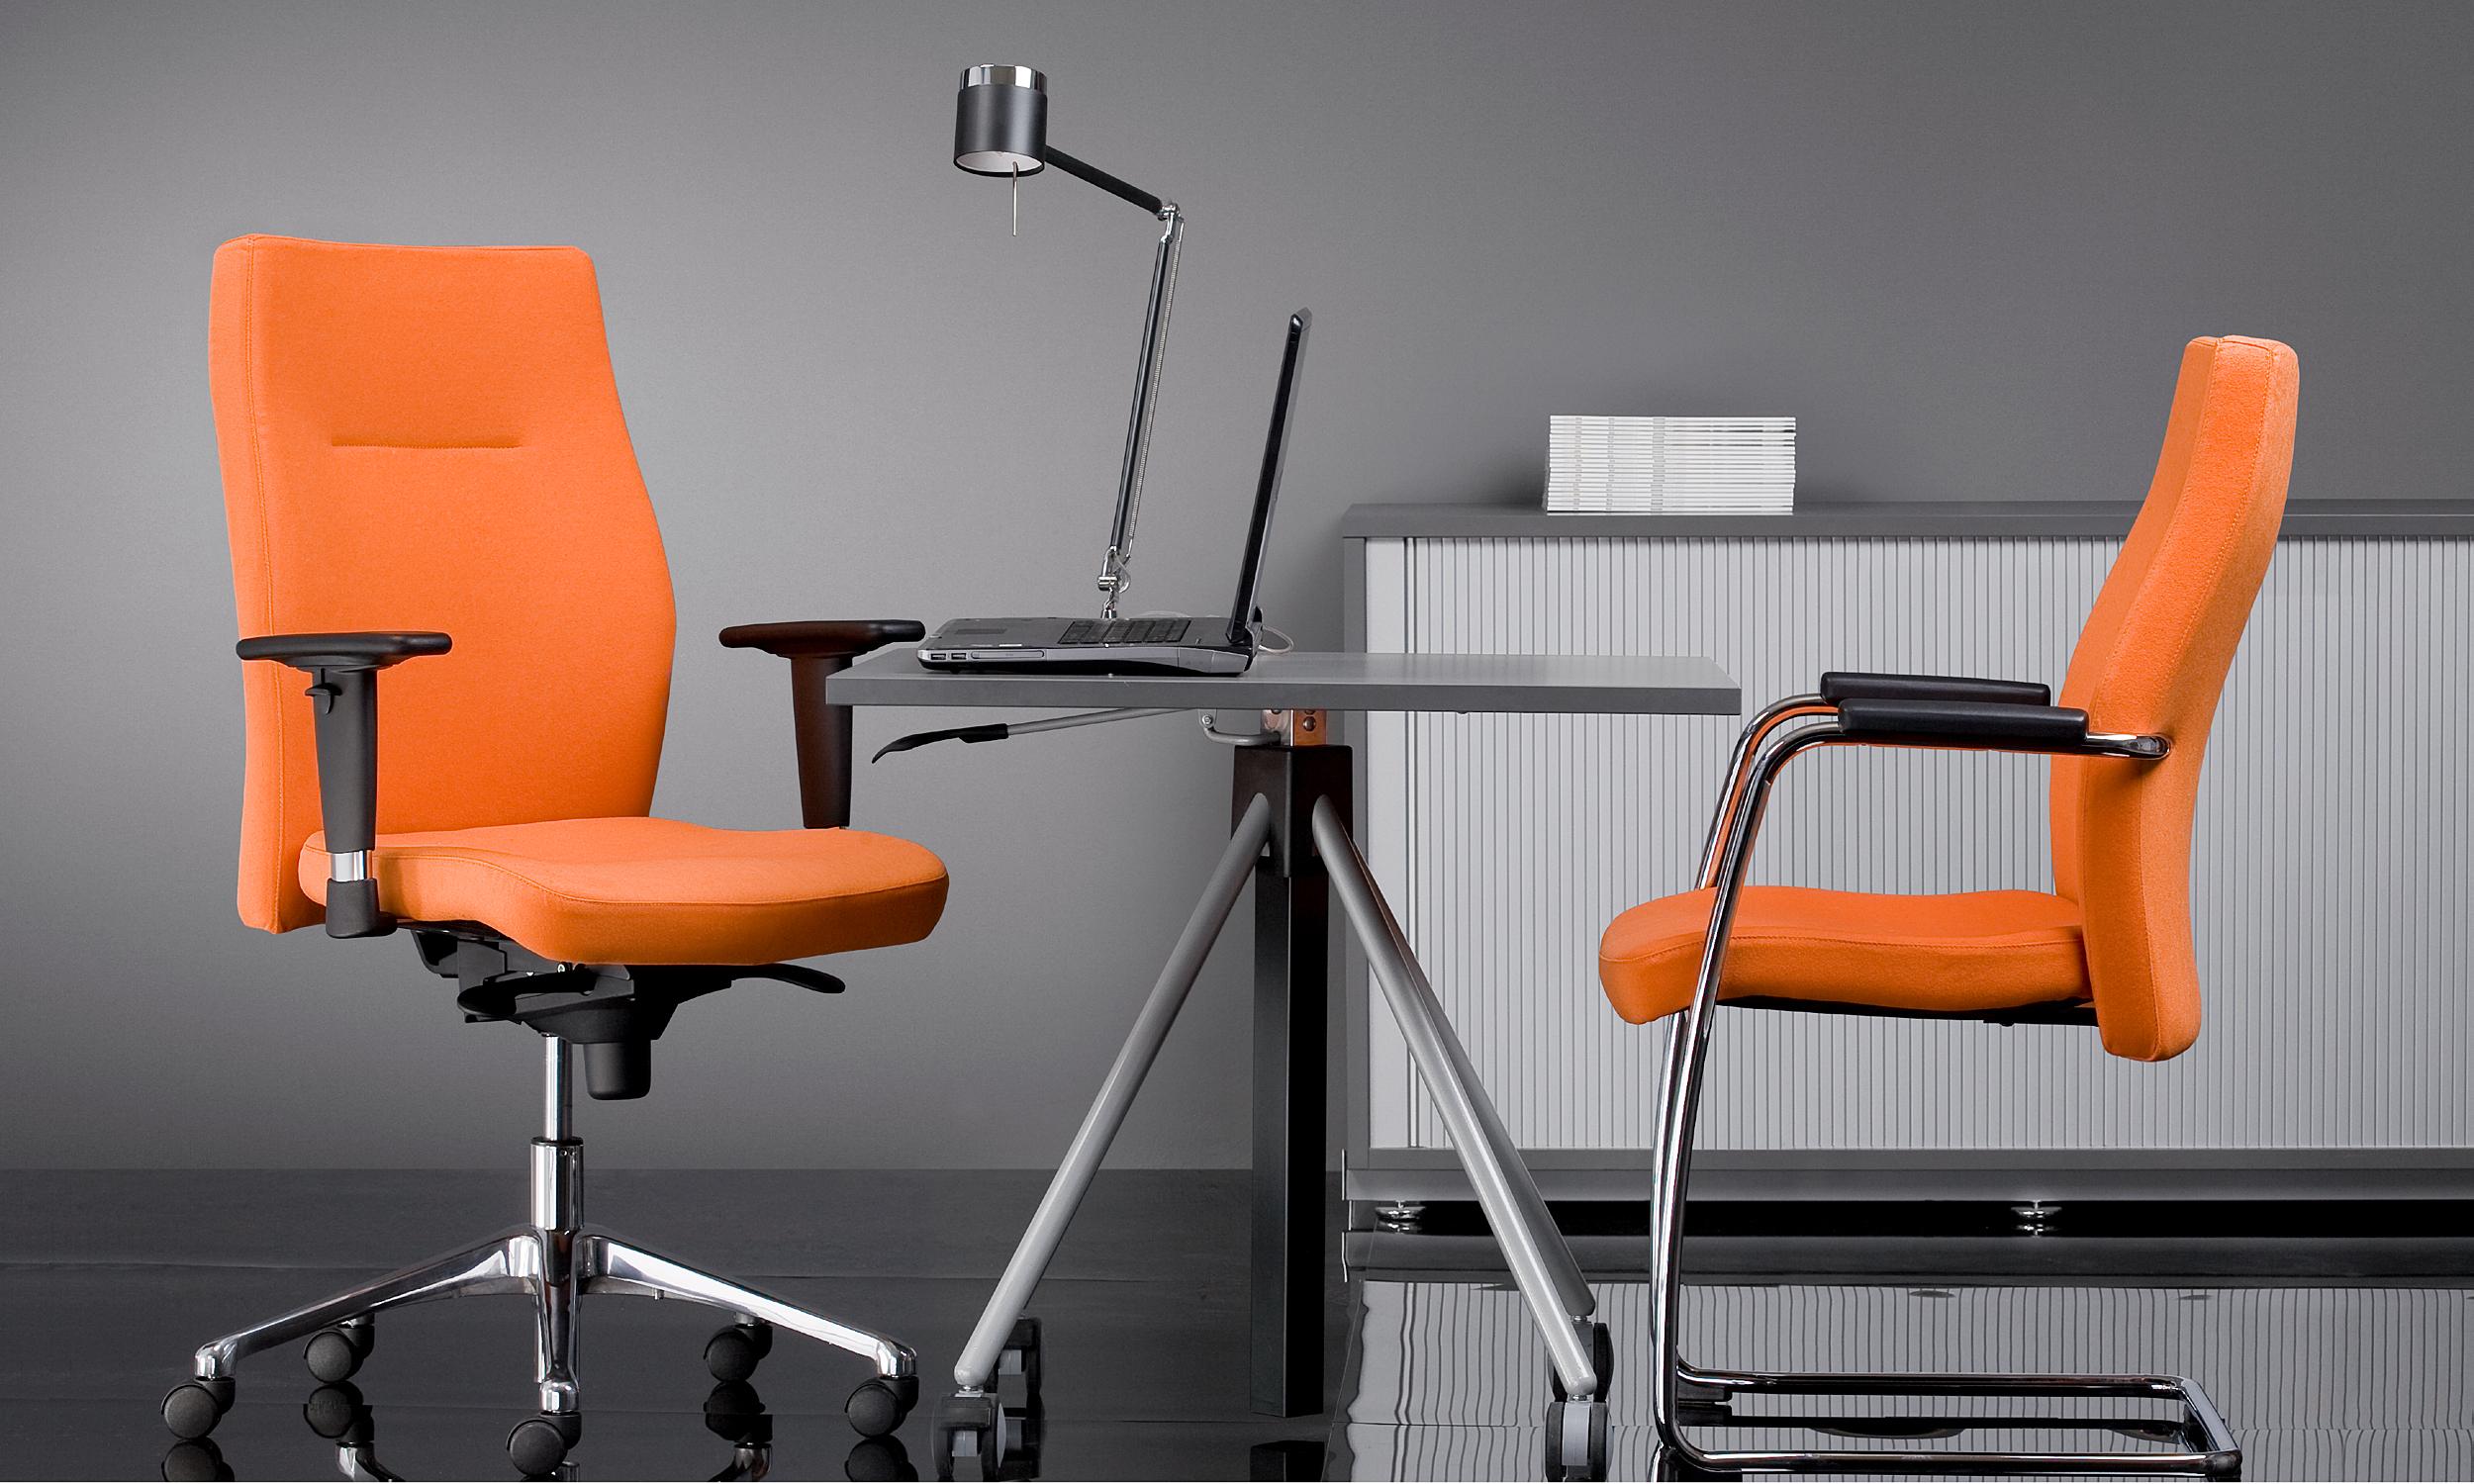 krzesło_Orlando01